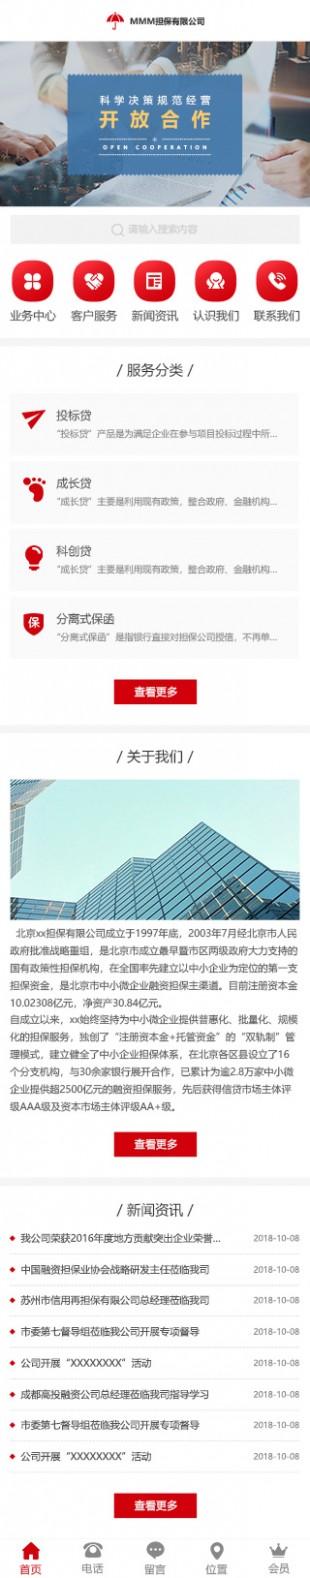 担保公司网站建设模板手机图片